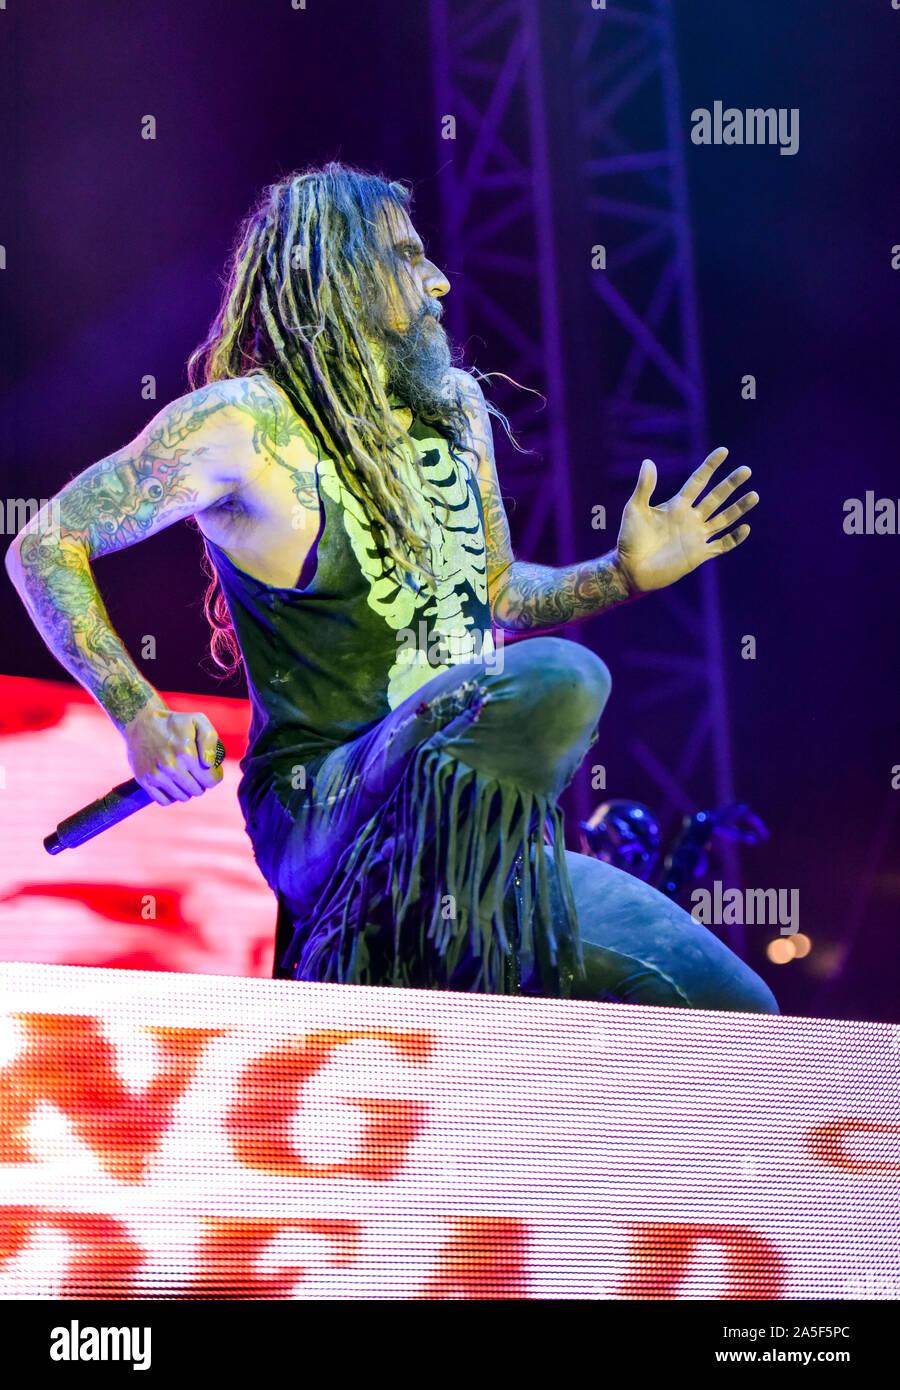 Las Vegas, Nevada, USA. 19 octobre, 2019. Rob Zombie sur scène lors de la troisième édition annuelle de Las Stique heavy metal music festival tenu à la Centre-ville de Las Vegas Events Center. Crédit de photo: Ken Howard Crédit Images: Ken Howard/Alamy Live News Banque D'Images